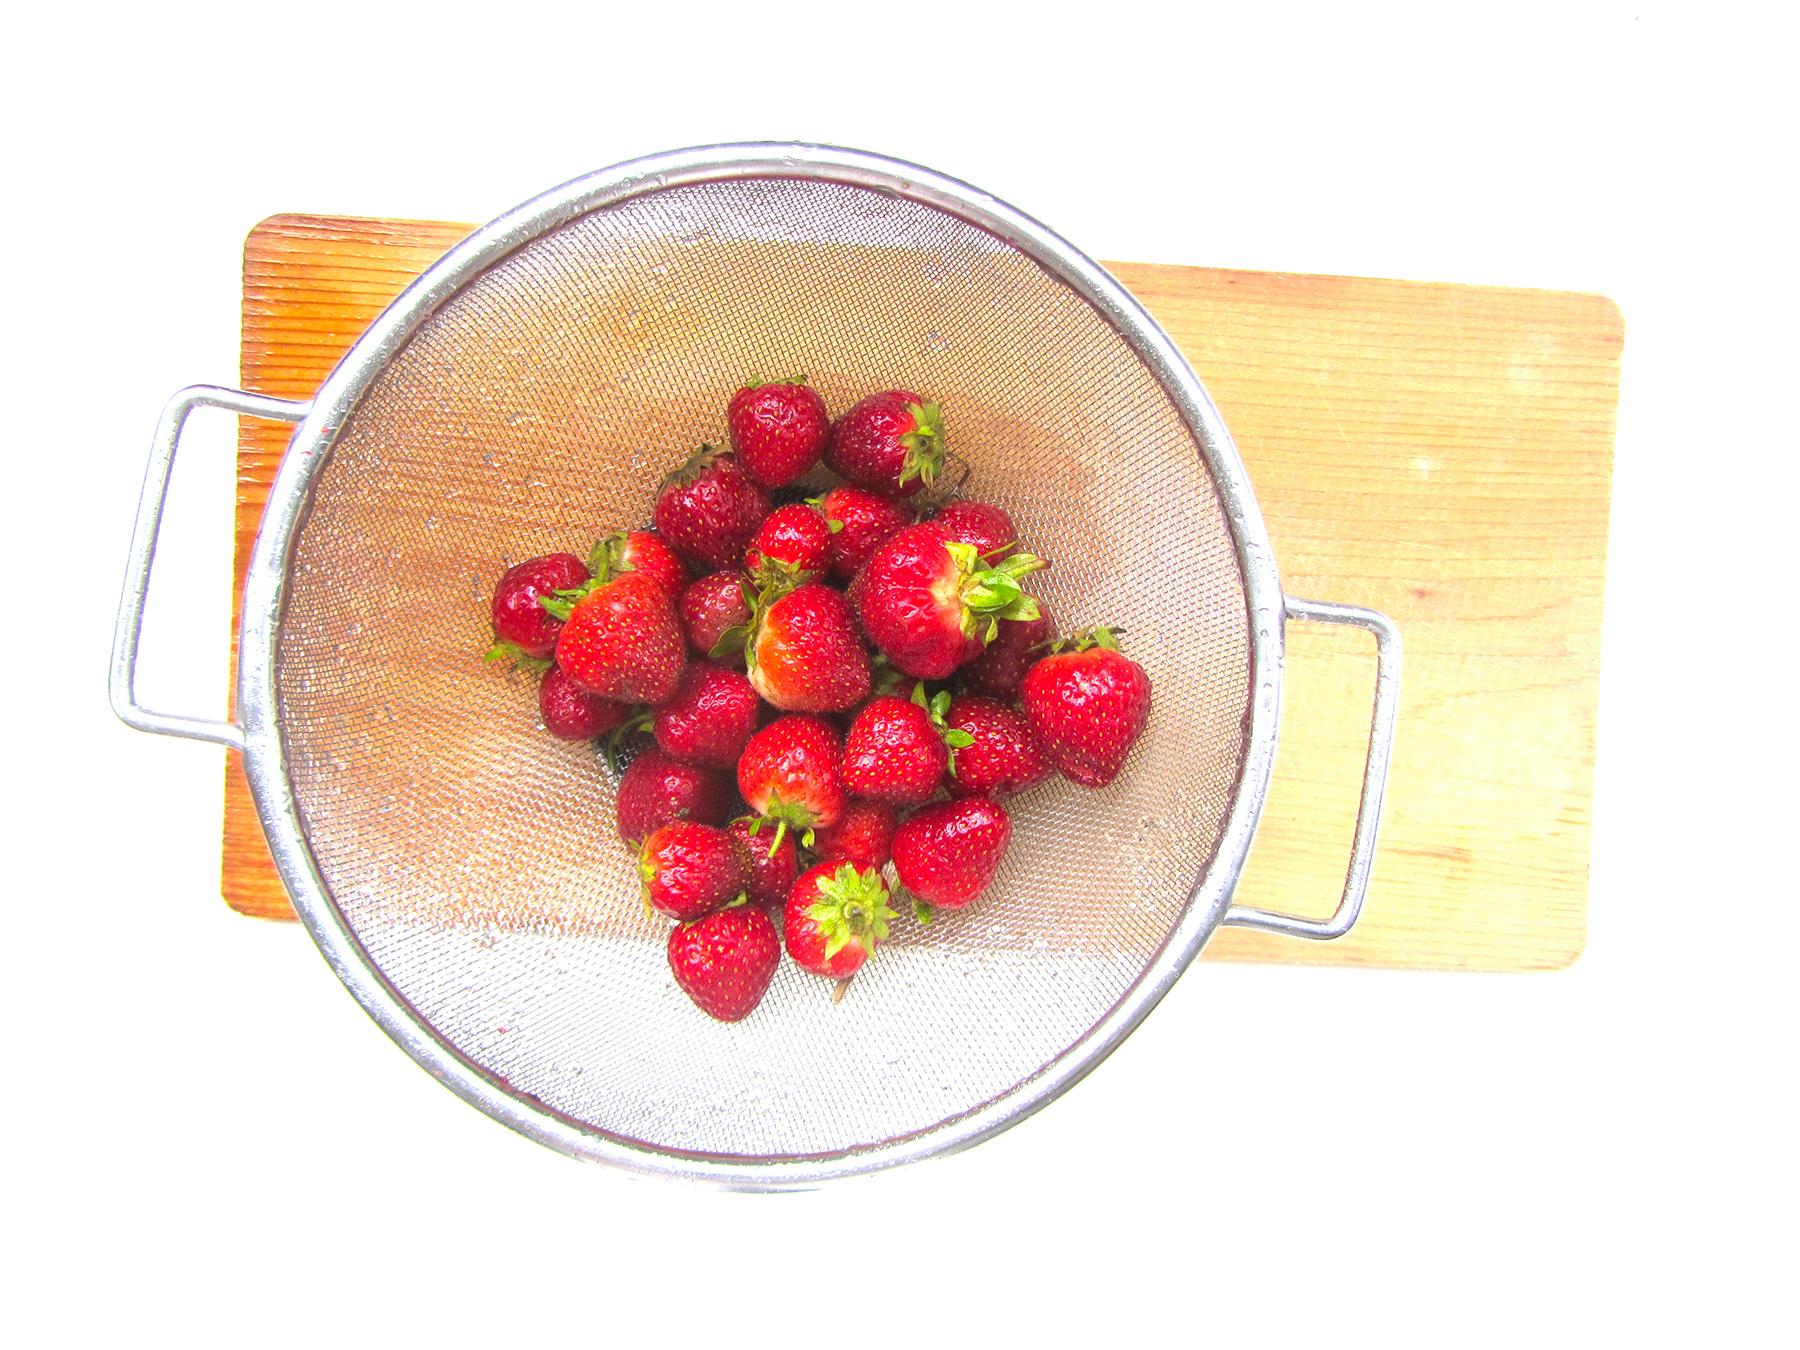 070413_June Loves Strawberries.jpg